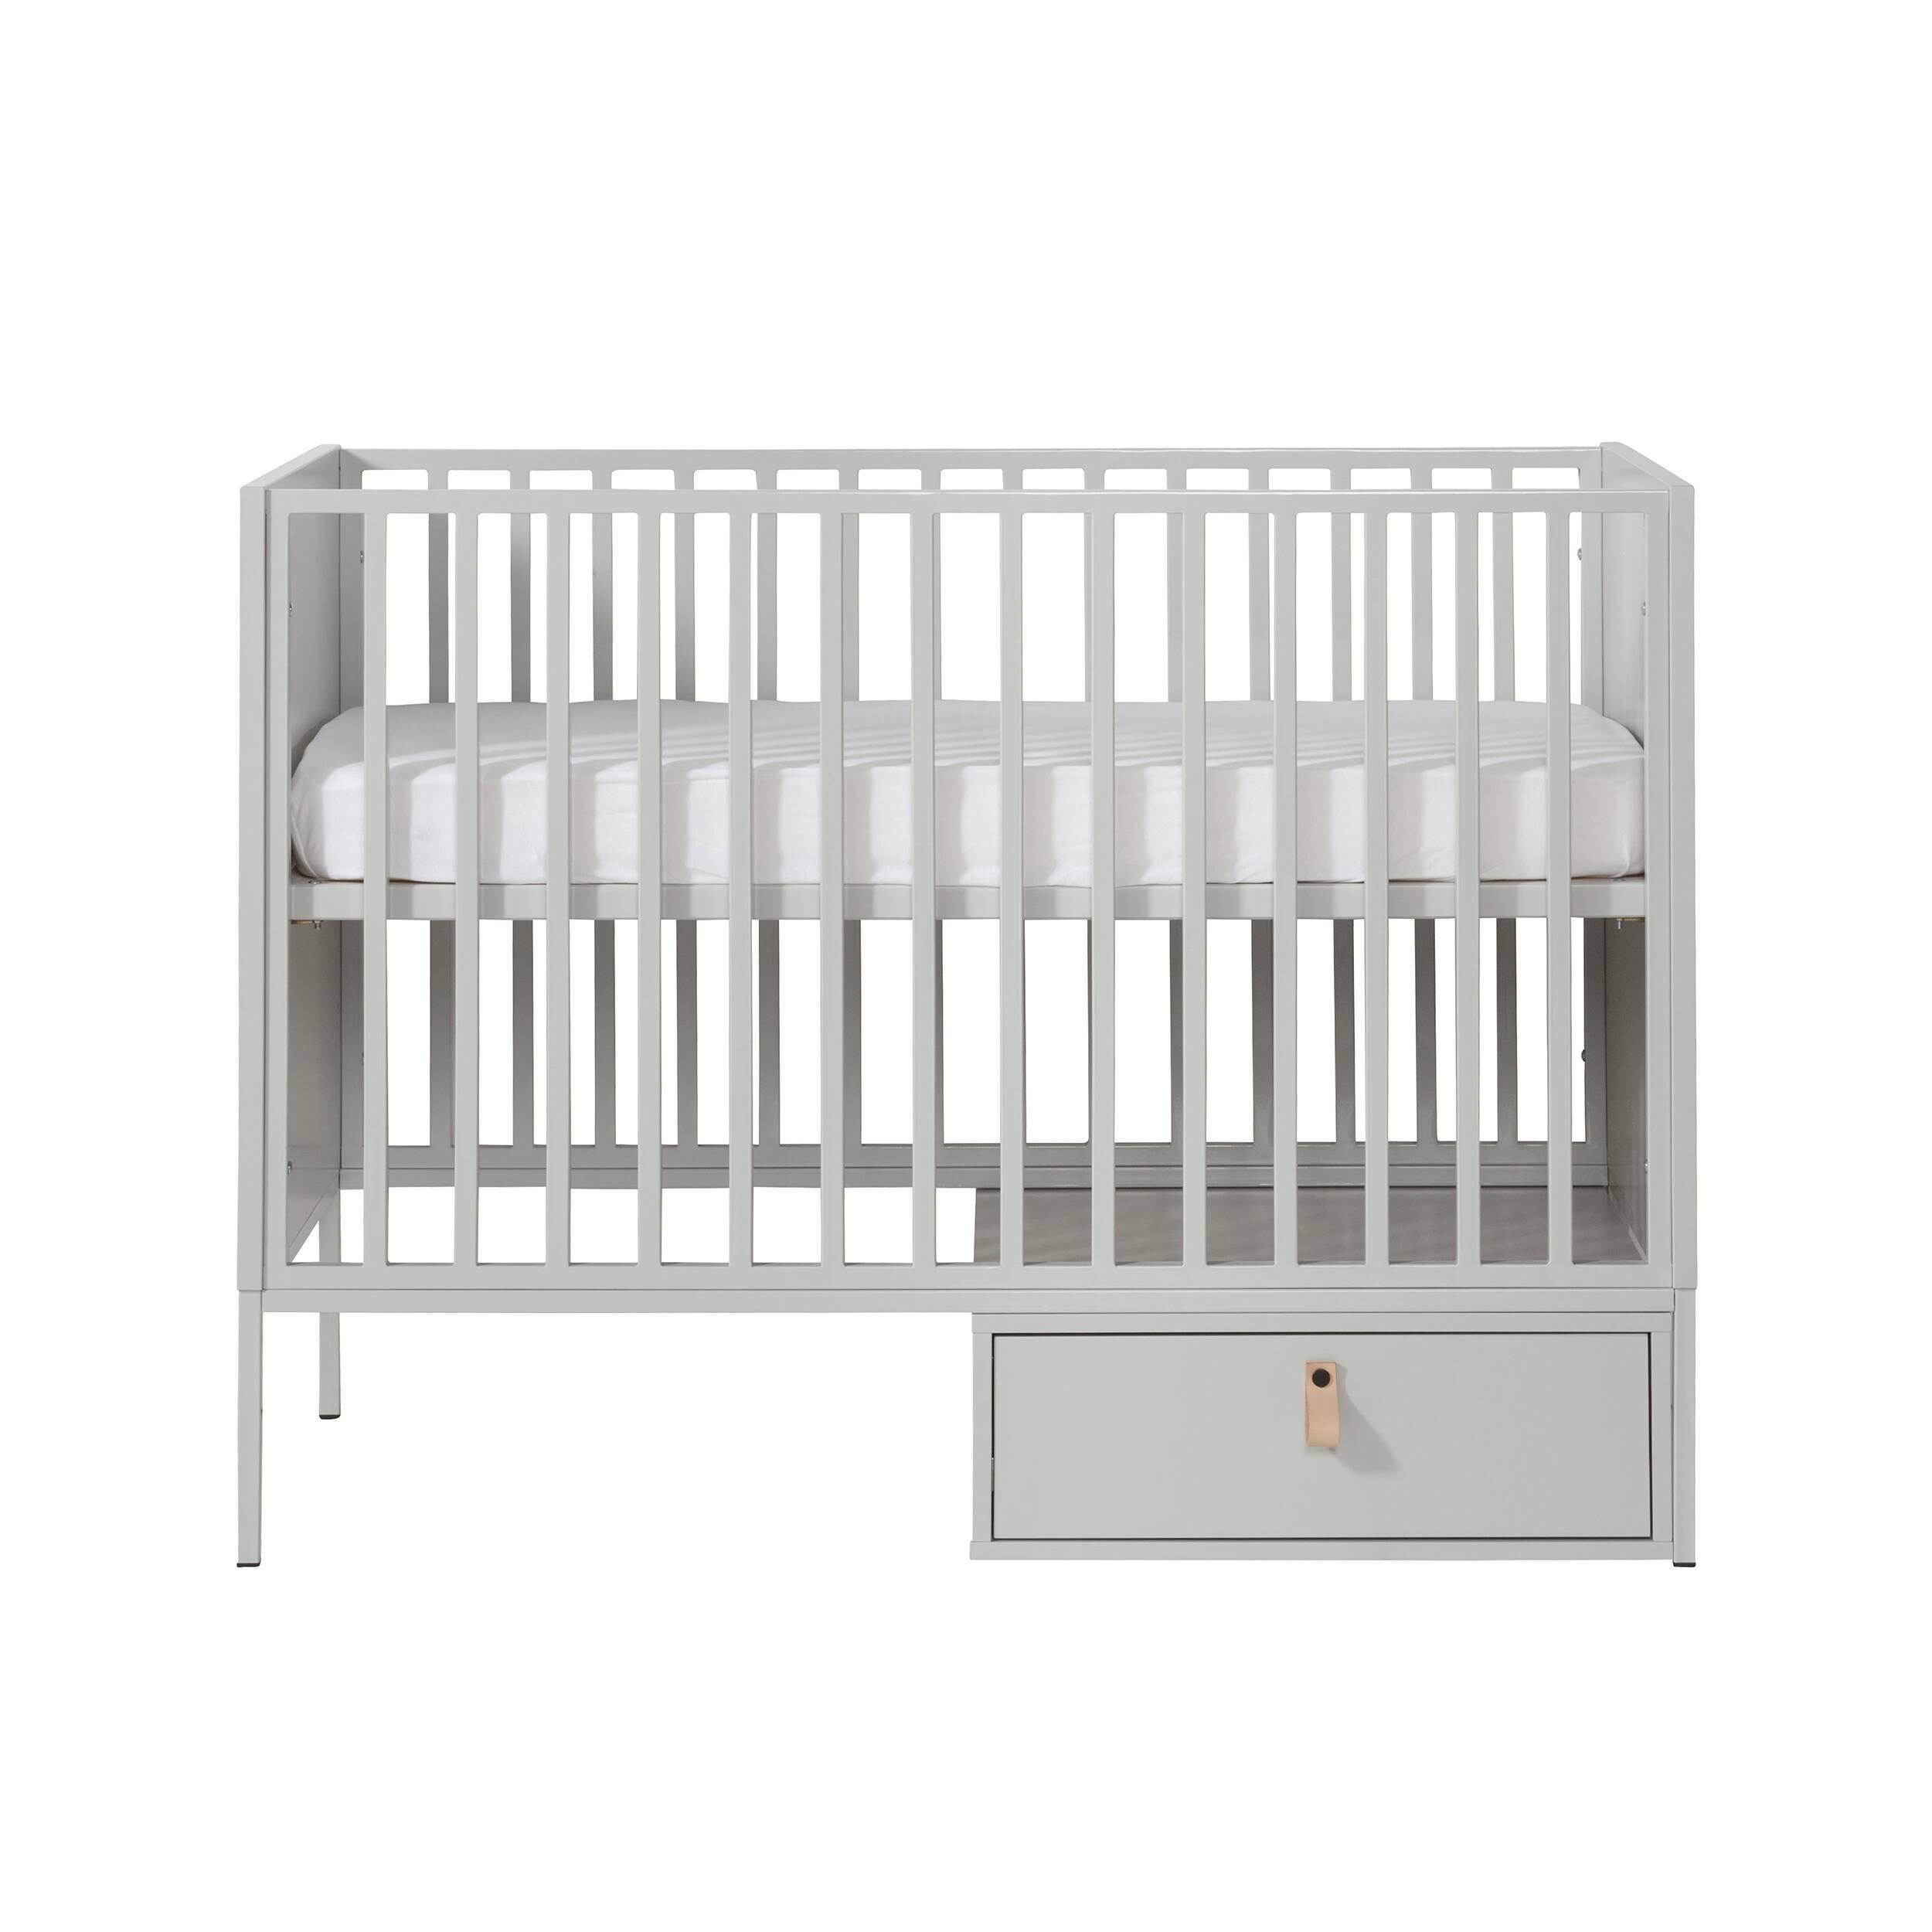 Детская кровать Amy, 60х120, без ящикаМебель для детей<br><br><br>stock: 0<br>Высота: 93<br>Ширина: 65<br>Длина: 125<br>Цвет ножек: Серый<br>Материал каркаса: ДСП<br>Материал ножек: Металл<br>Цвет каркаса: Серый